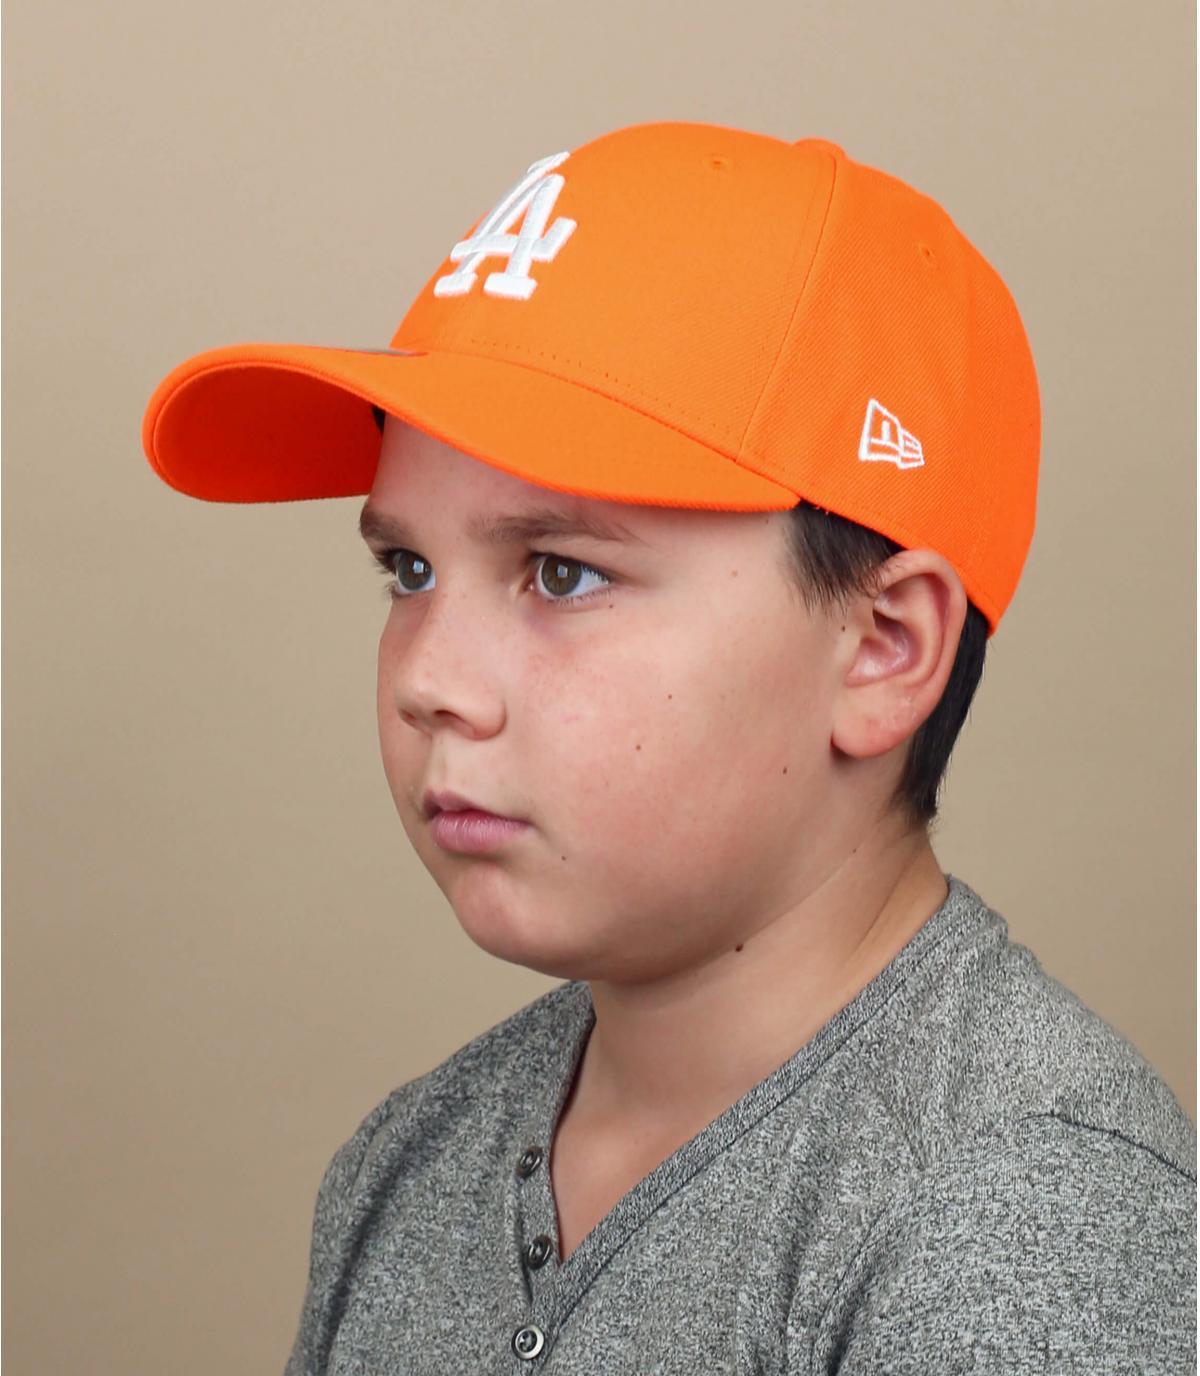 Cappellino per bambini LA arancione